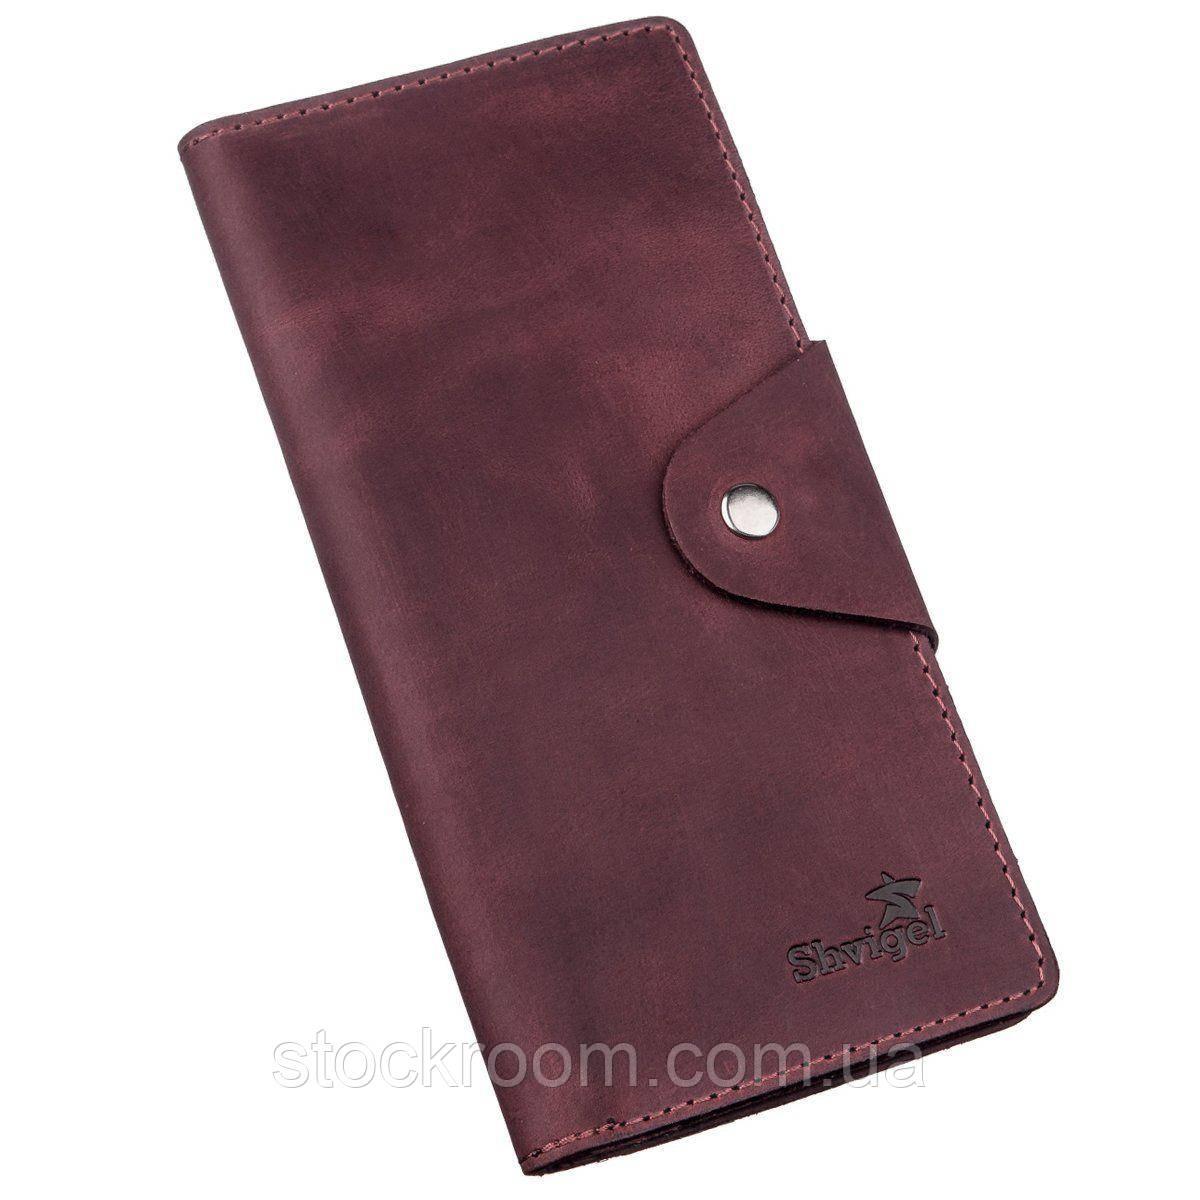 Бумажник женский вертикальный из винтажной кожи на кнопках SHVIGEL 16178 Бордовый, Бордовый